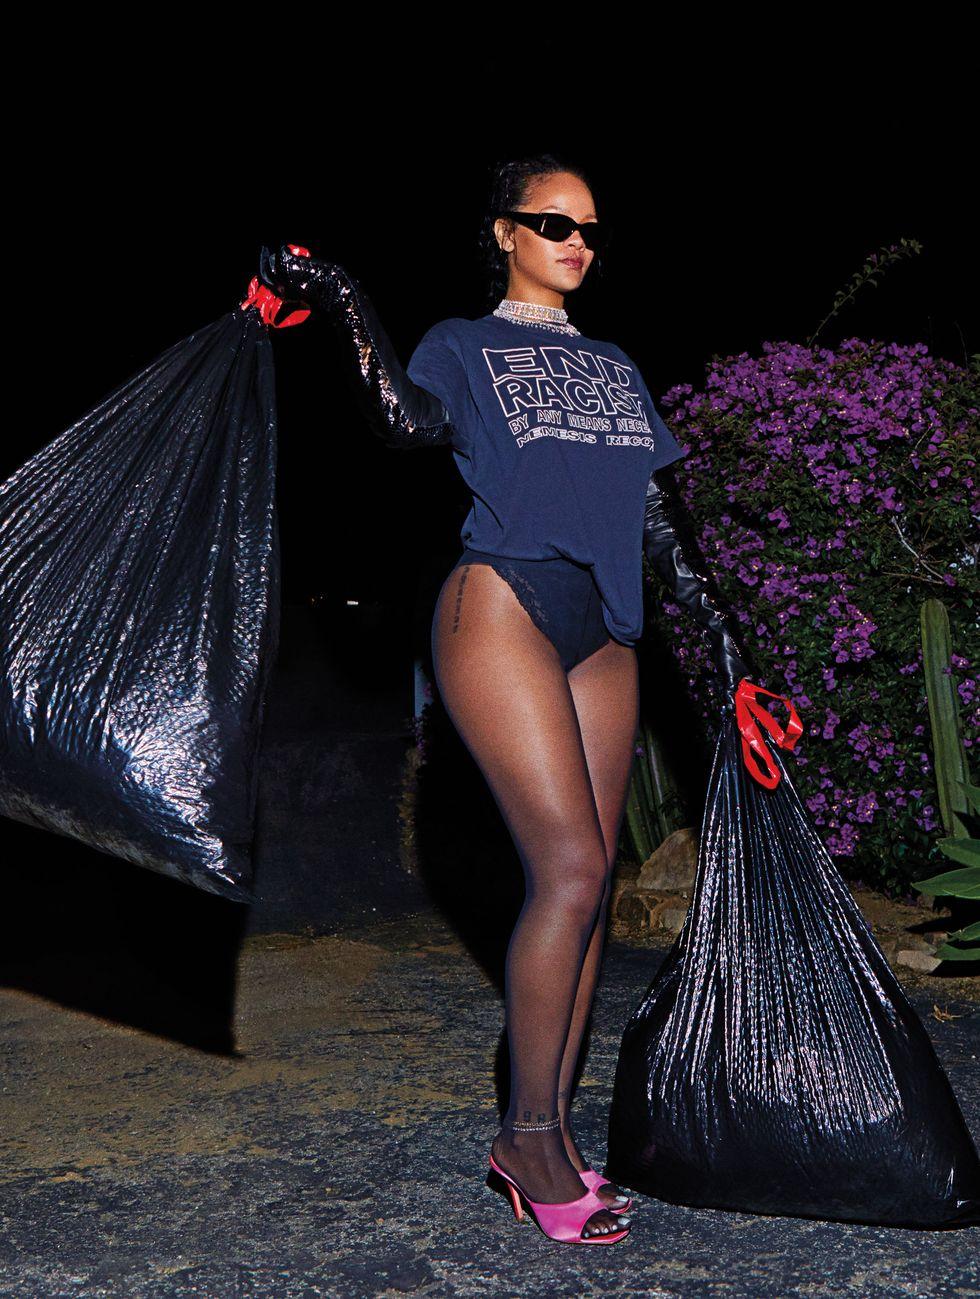 Rihanna  - Σελίδα 7 Hbz-september-2020-rihanna-06-1596037588